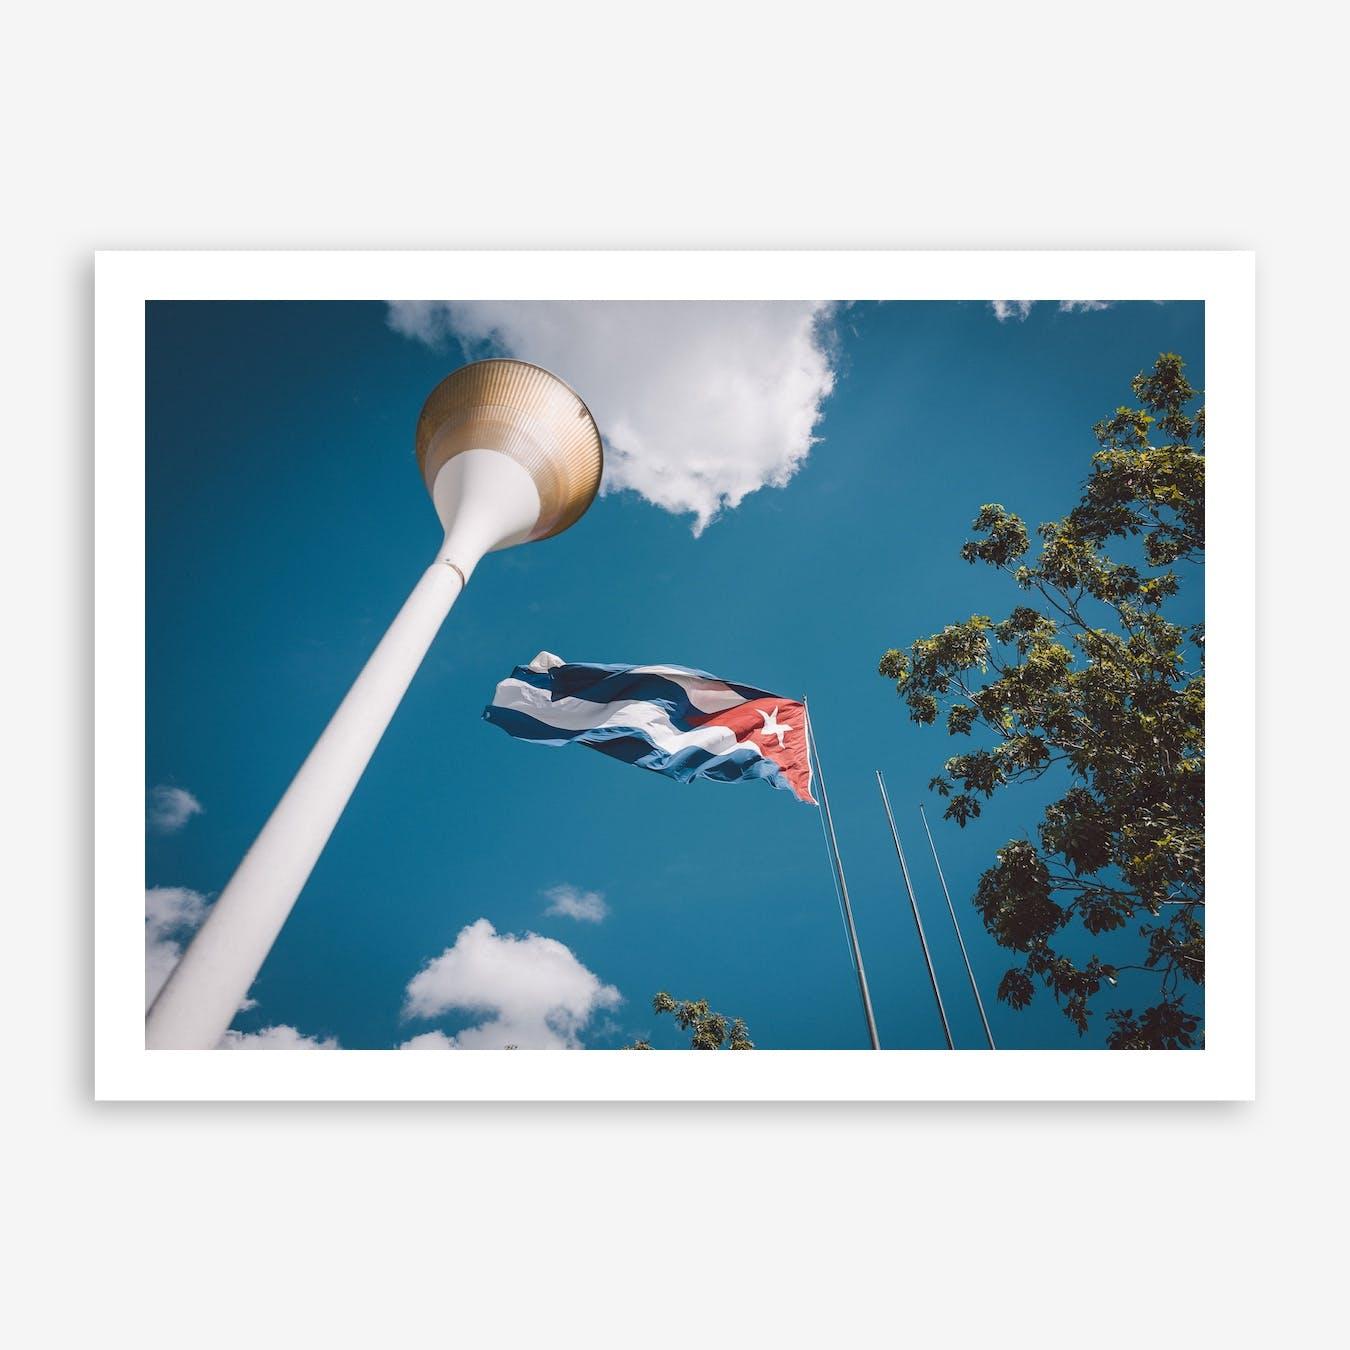 Windy x Santiago de Cuba